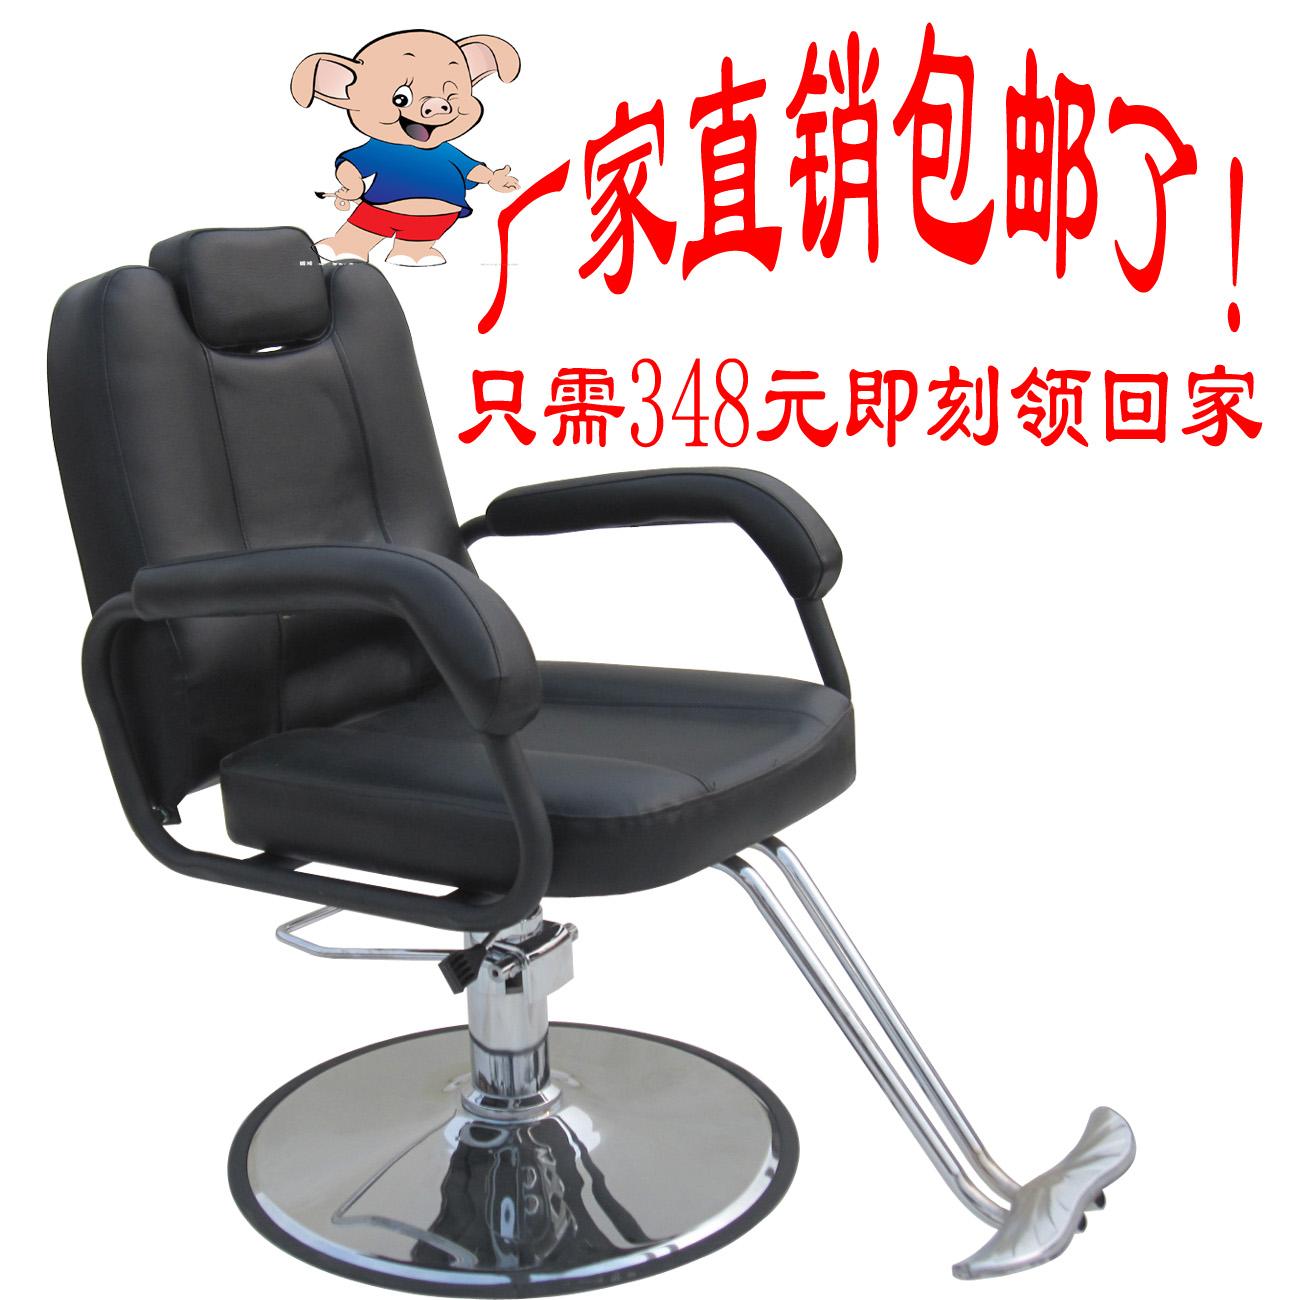 Бесплатная доставка стрижка стул стул поворотный релиз лить лифтинг парикмахерское дело стул продаётся напрямую с завода ножницы волосы стул H-31201